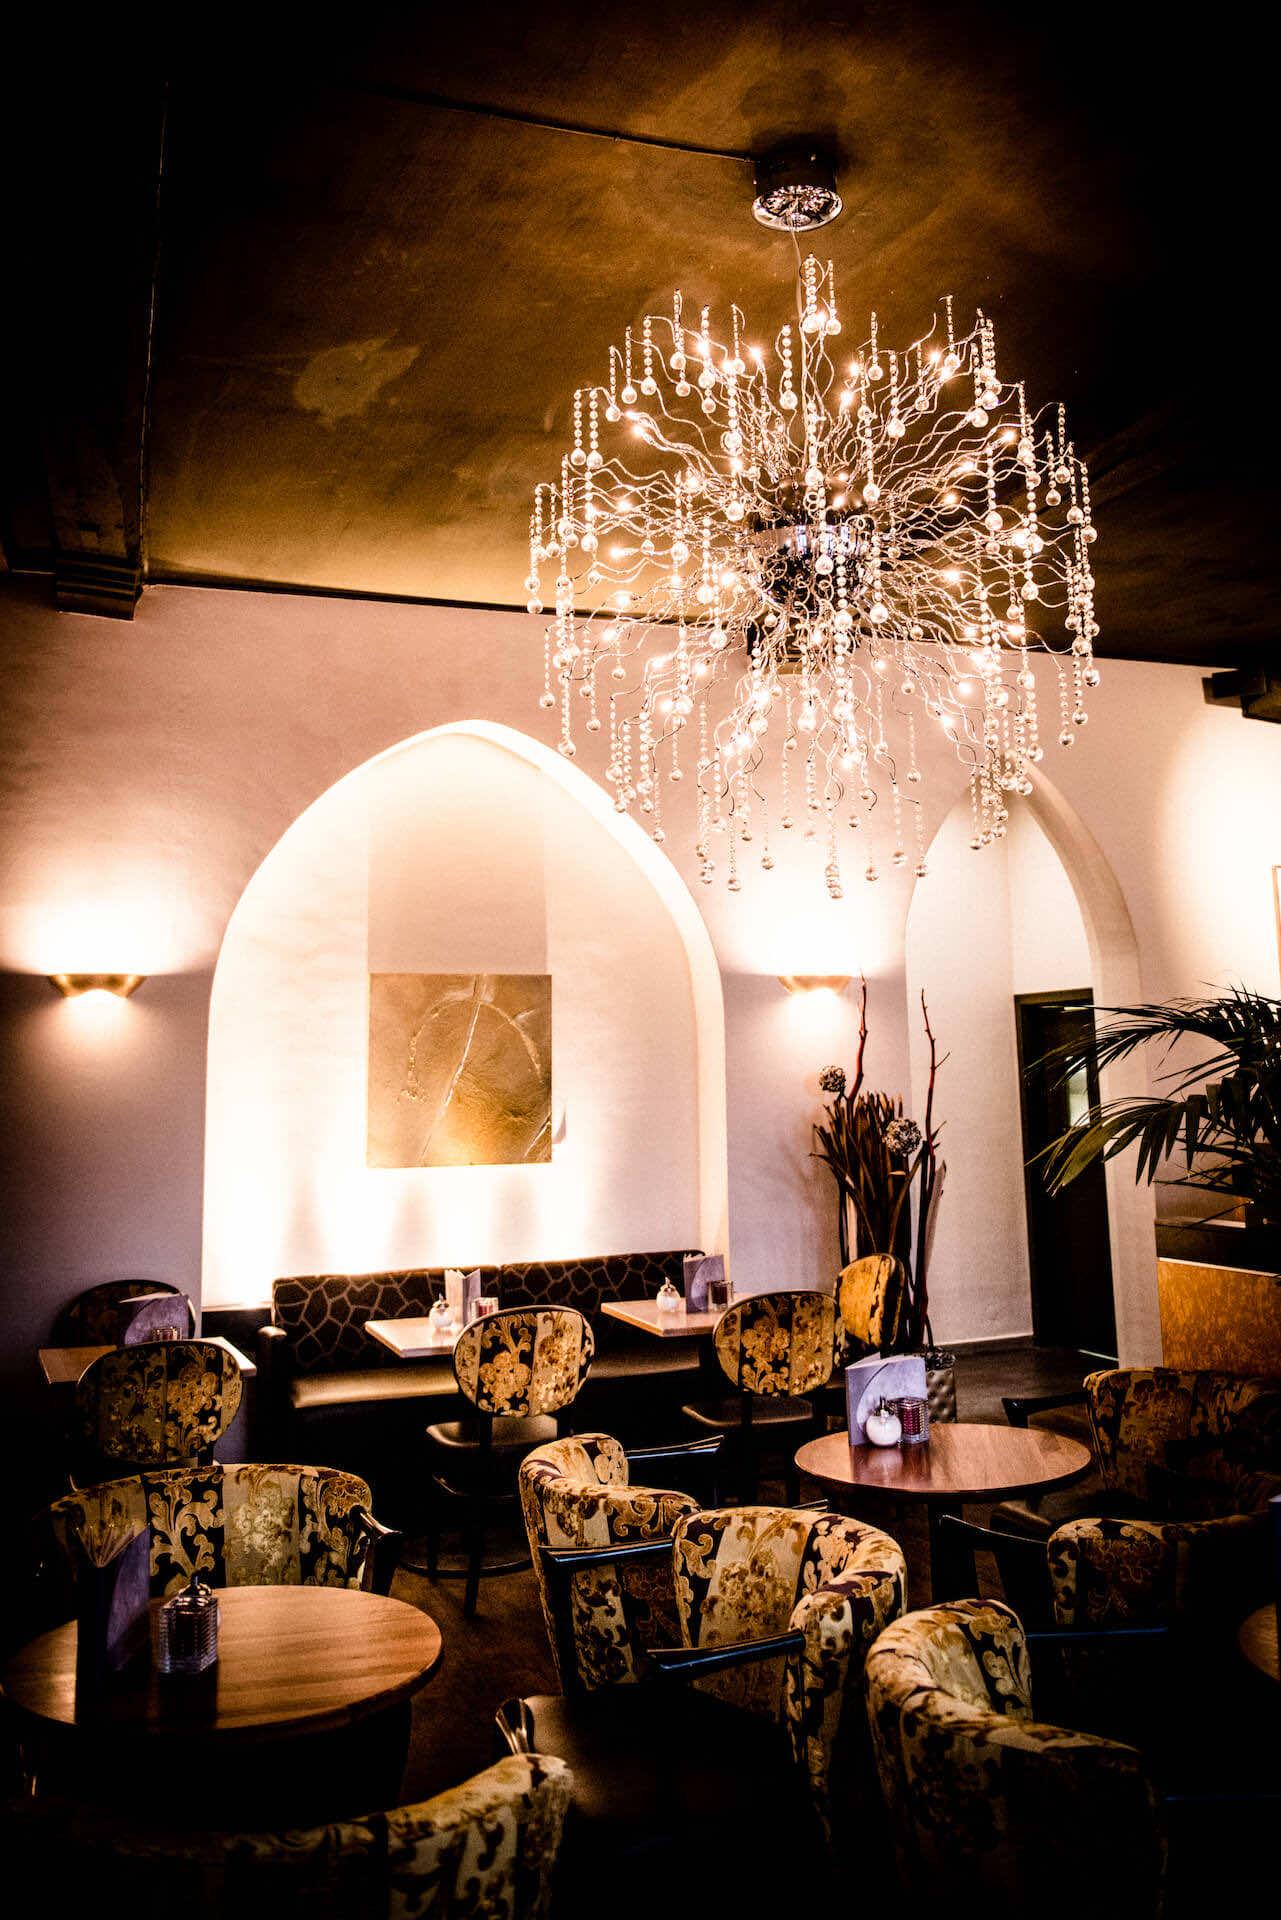 Restaurantbeleuchtung Amadeus Kalkar | Leuchten Lukassen